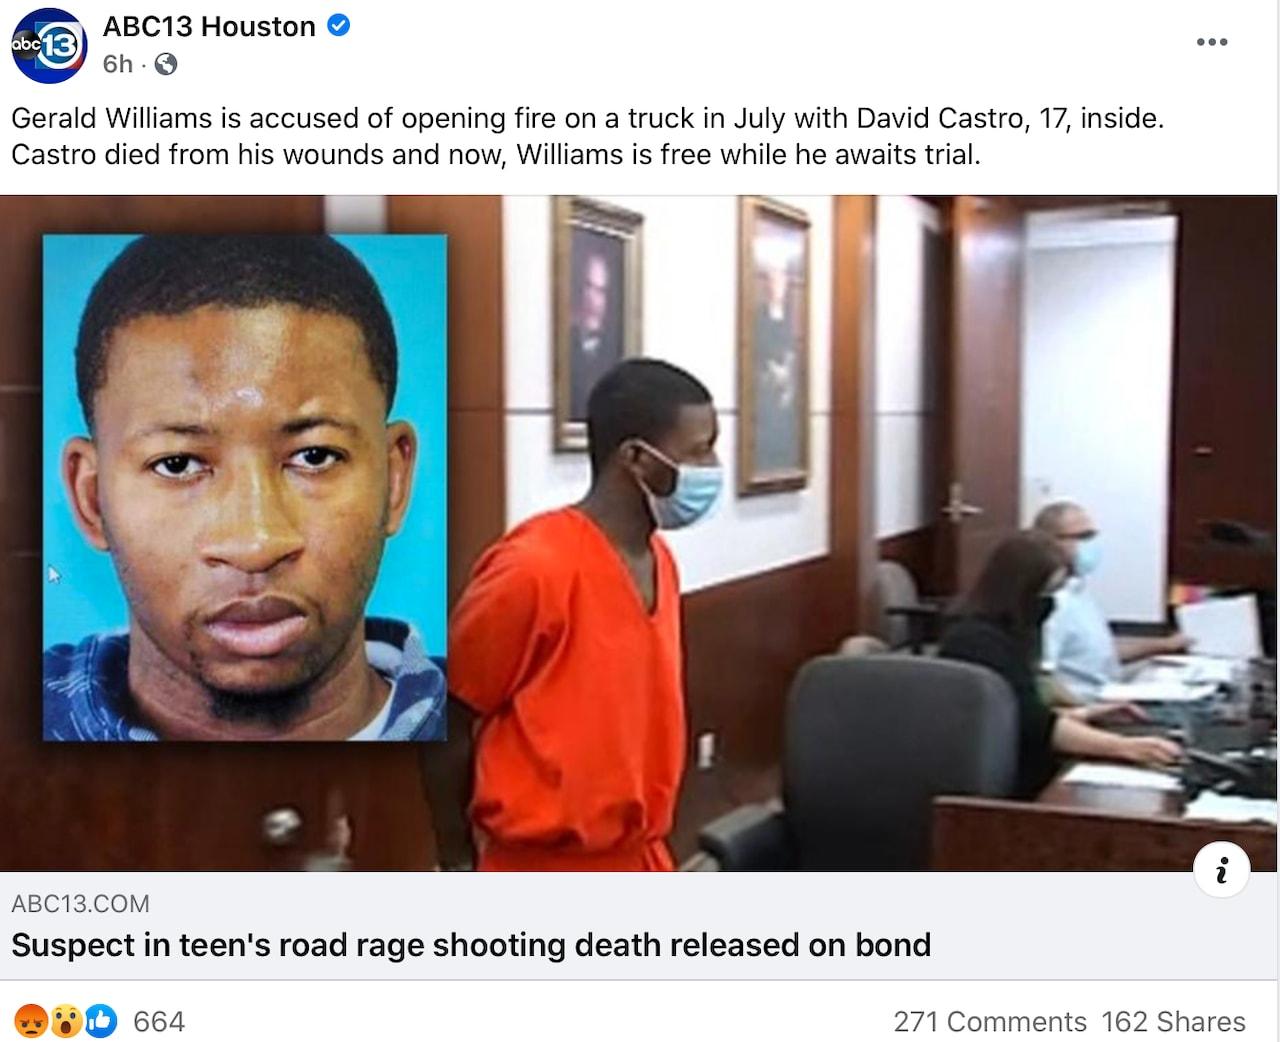 David Castro asesino libre: Gerald Williams dispara desde su auto